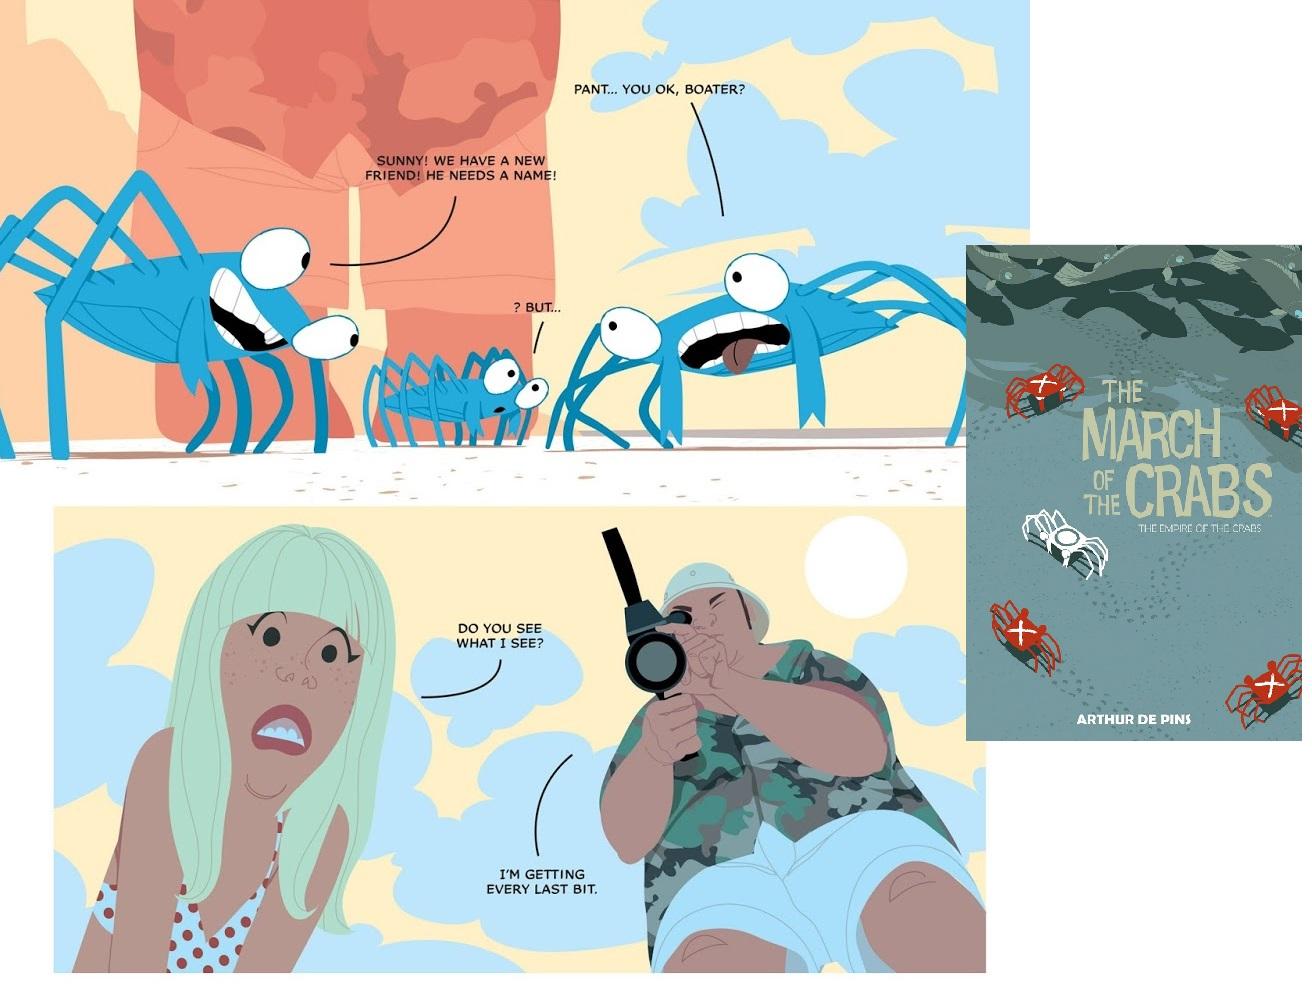 16 b Comics des Jahres - Marsch der Krabben